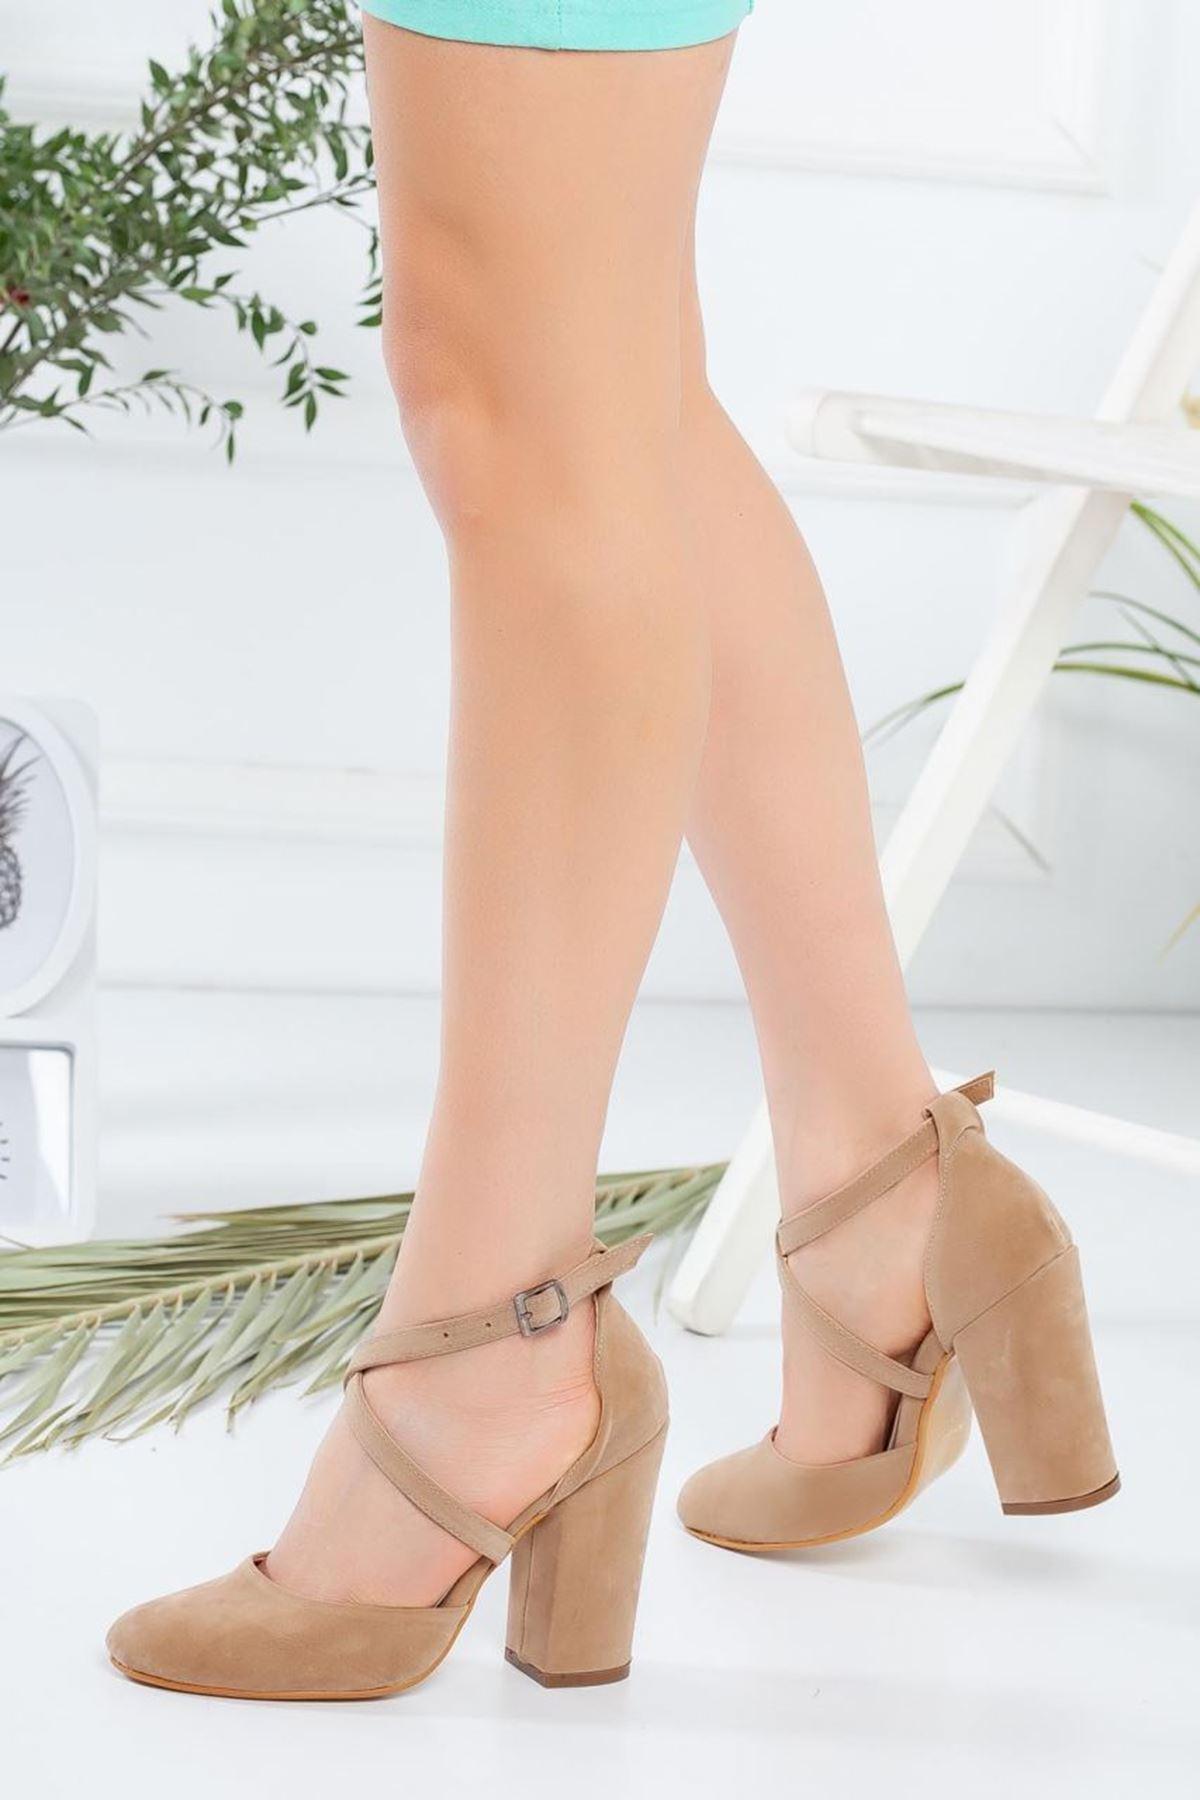 Kadın Zine Bej Topuklu Ayakkabı